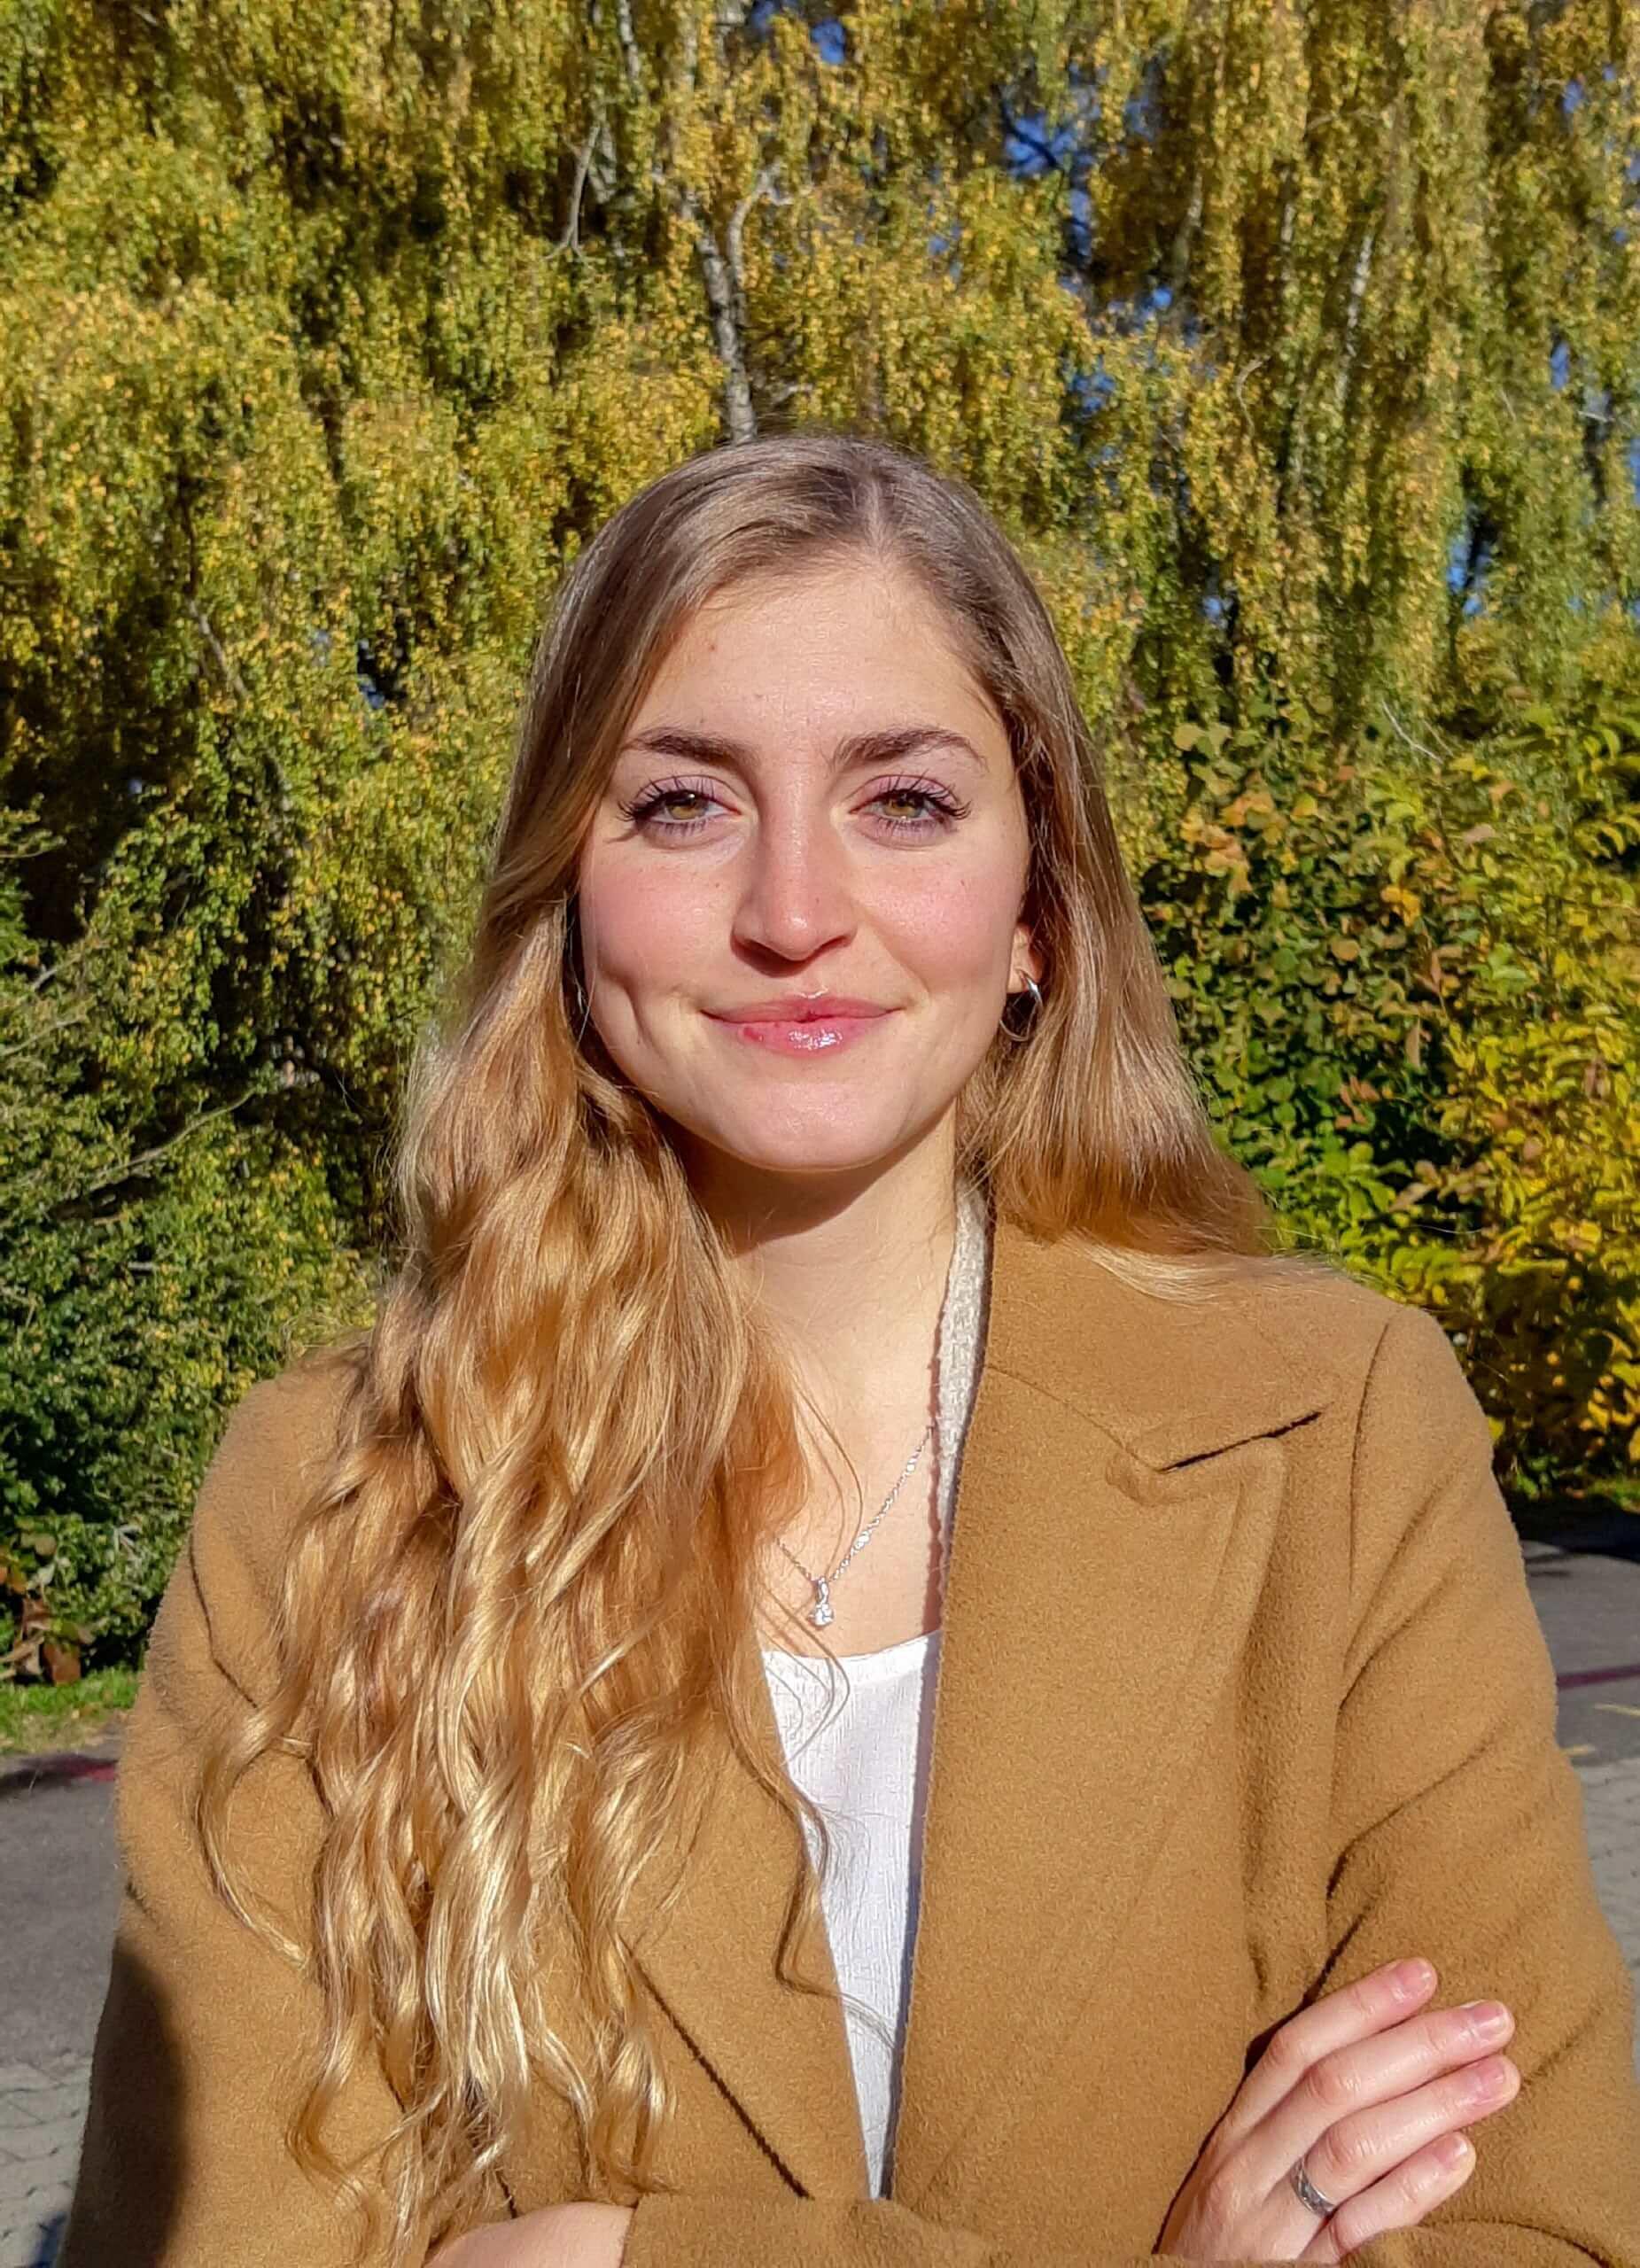 Anna Mascellani